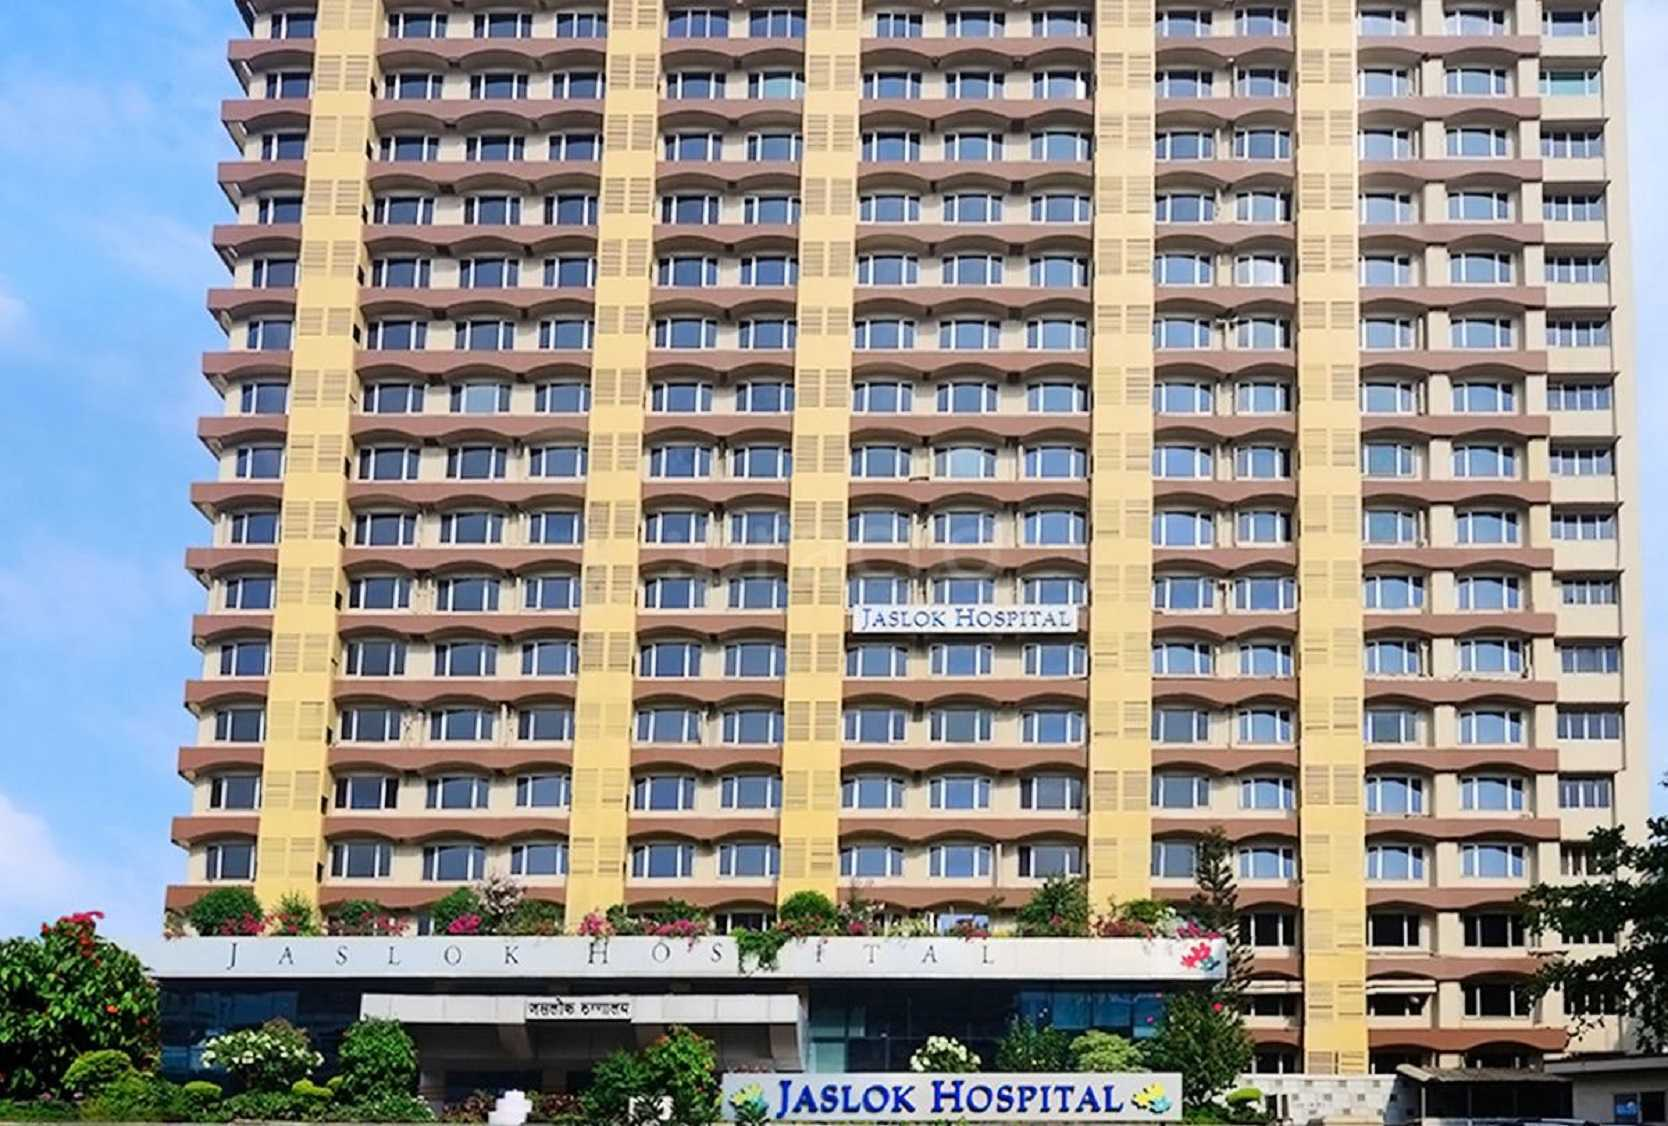 Jaslok hospital mumbai 1472463792 57c403b0bc6ab